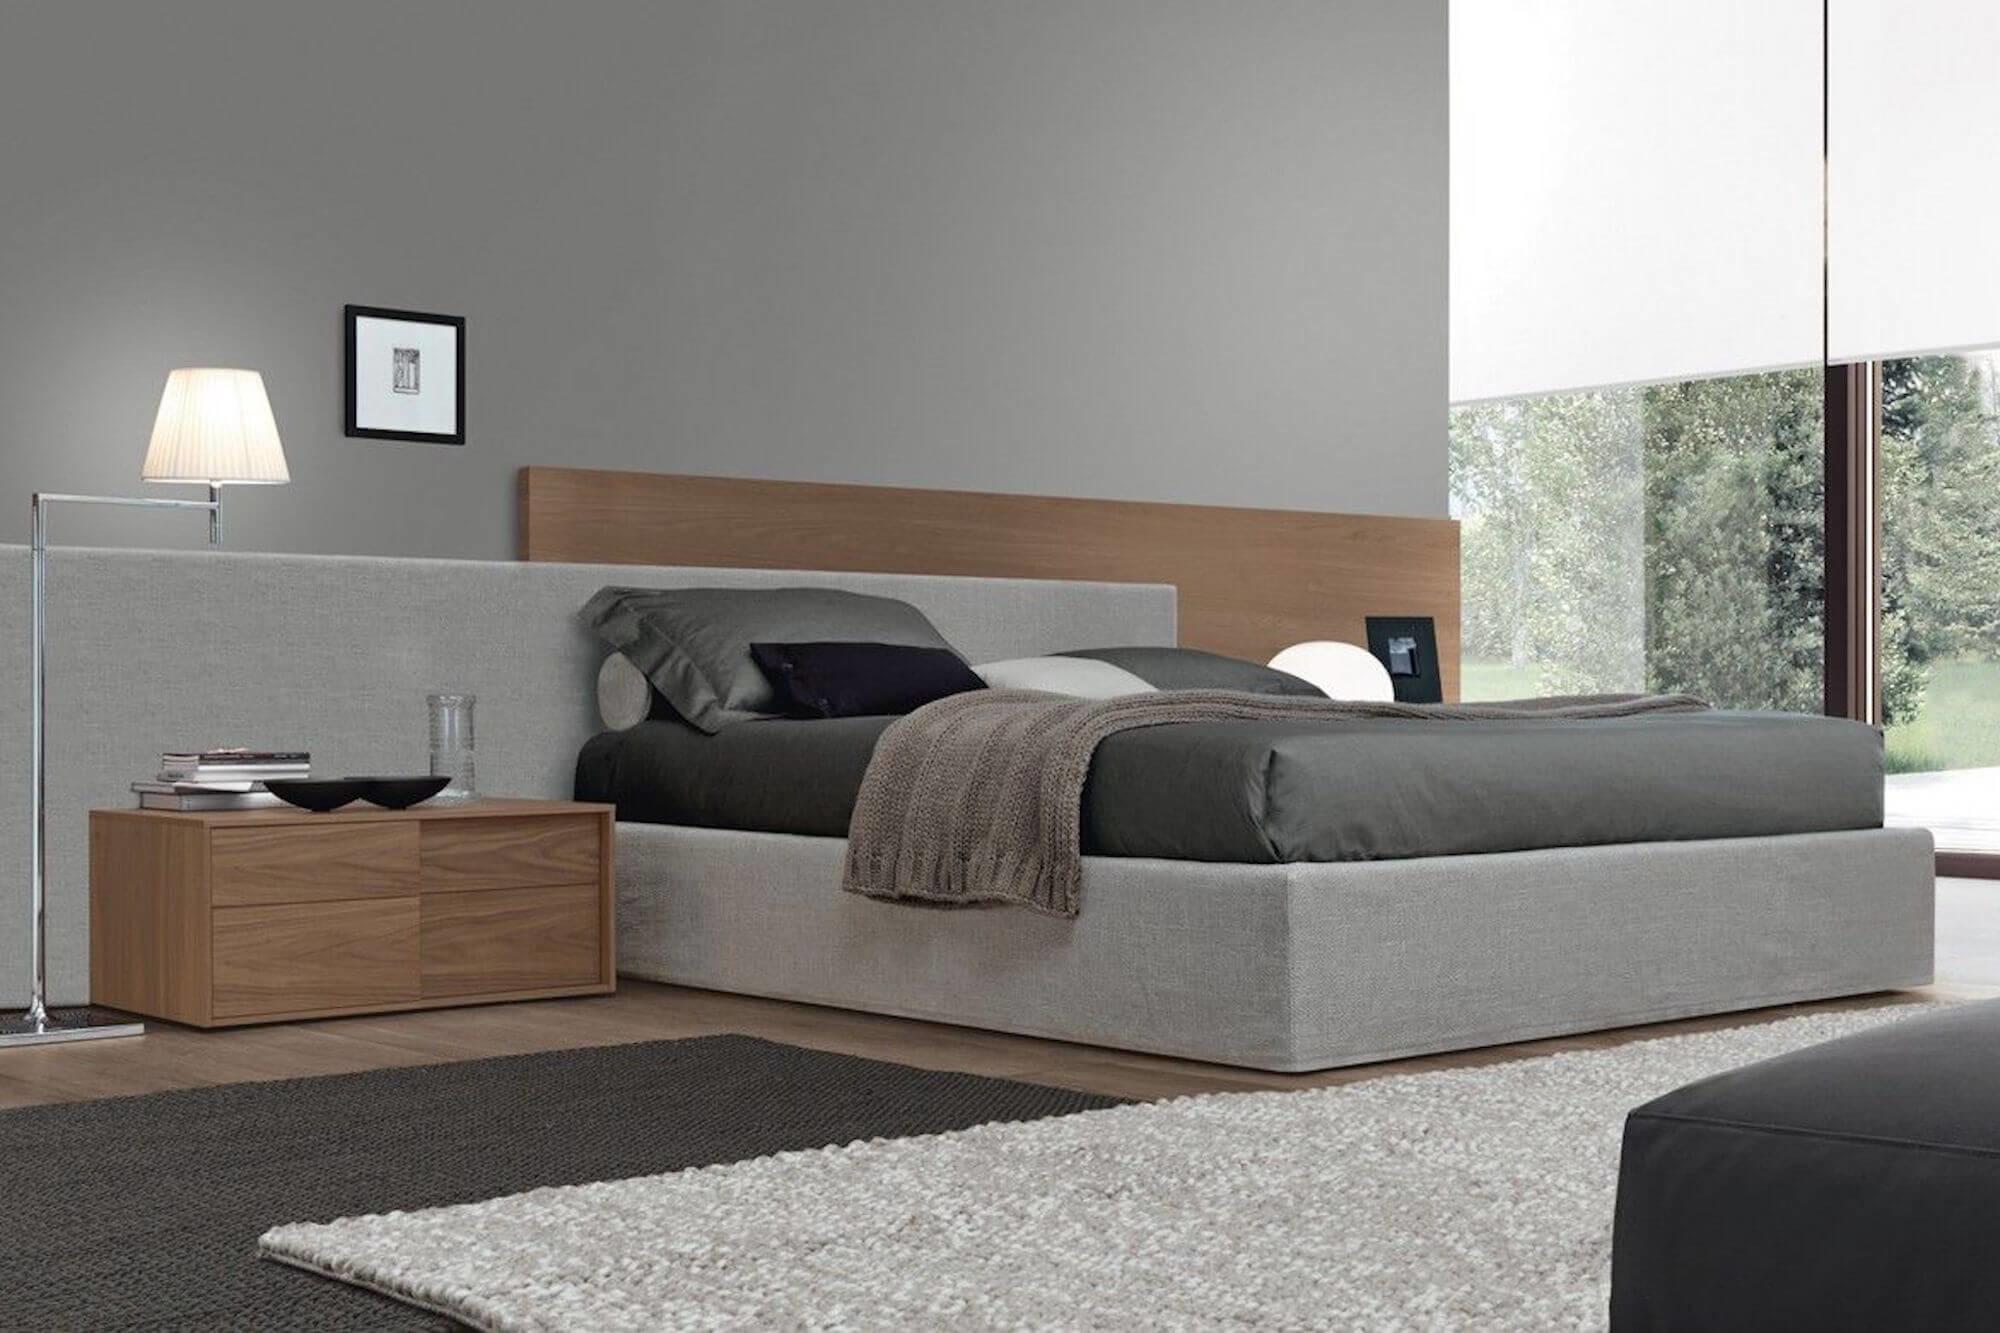 Design bed Duo Pezze grijs